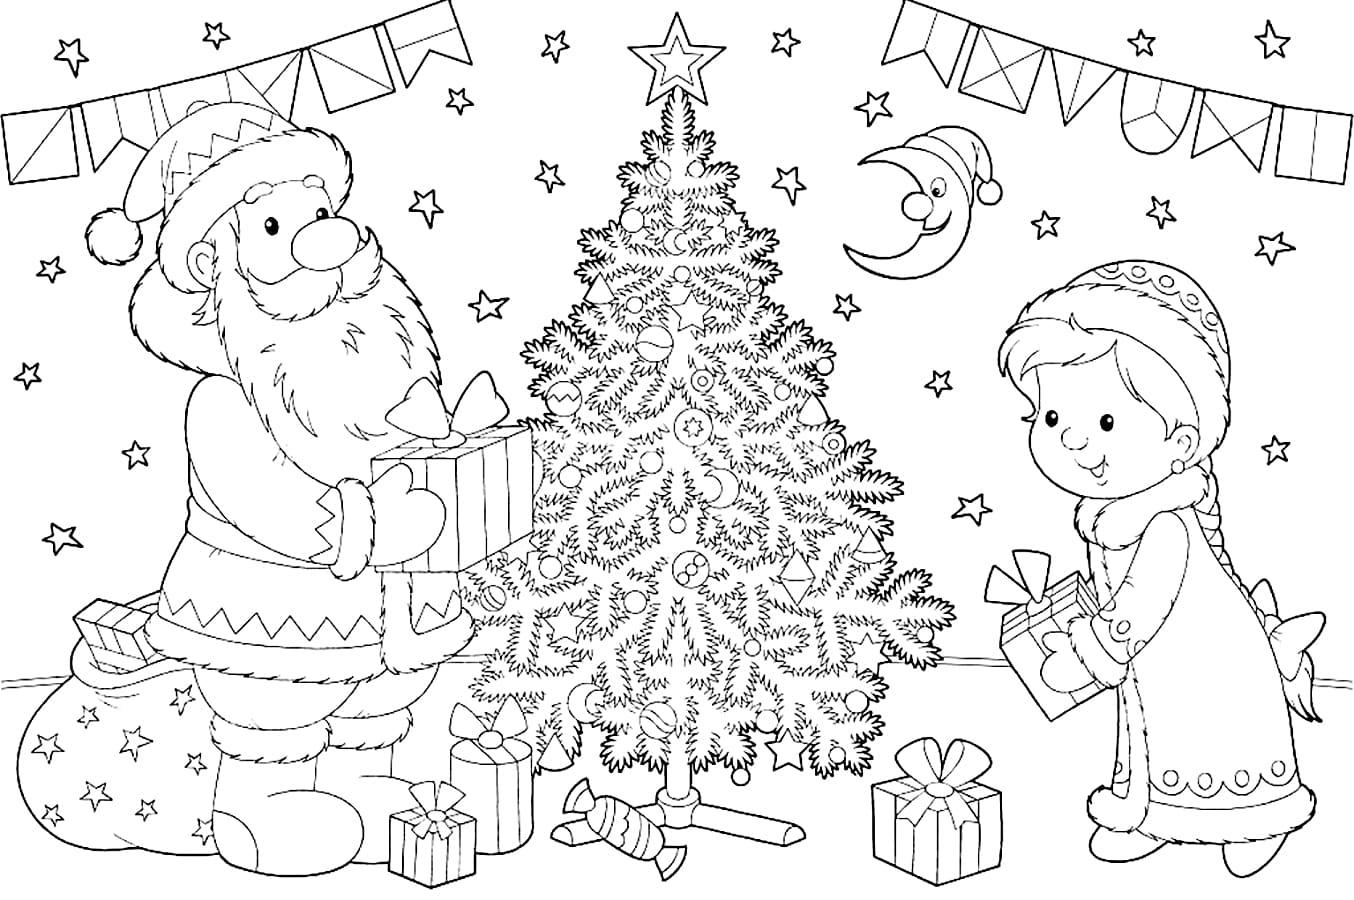 Новогодние картинки раскраска дед мороз елка и снегурочка, открытки